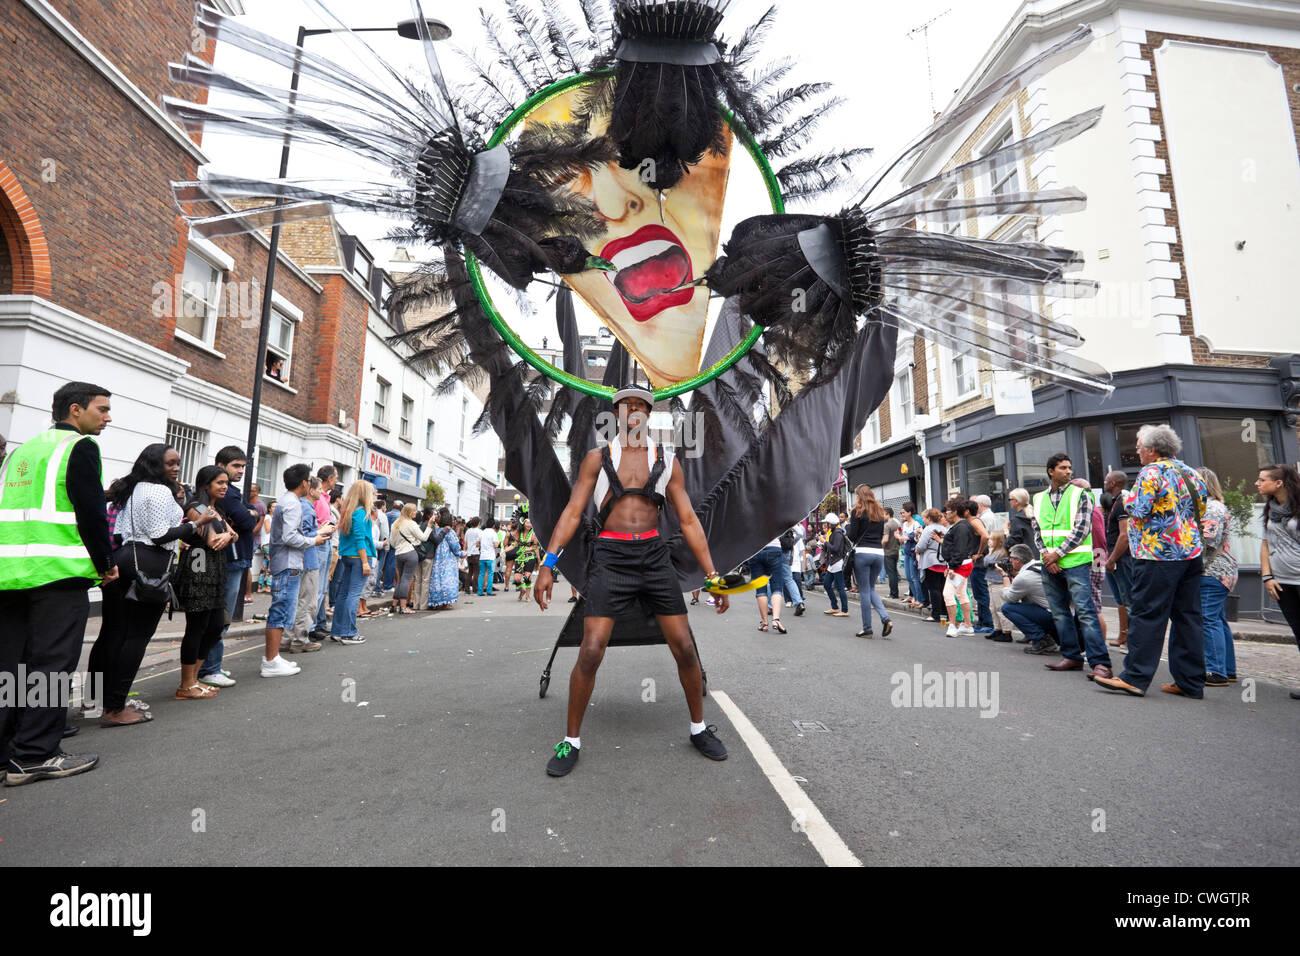 Danzatrice presso il carnevale di Notting Hill 2012, Londra, Inghilterra, Regno Unito. Immagini Stock